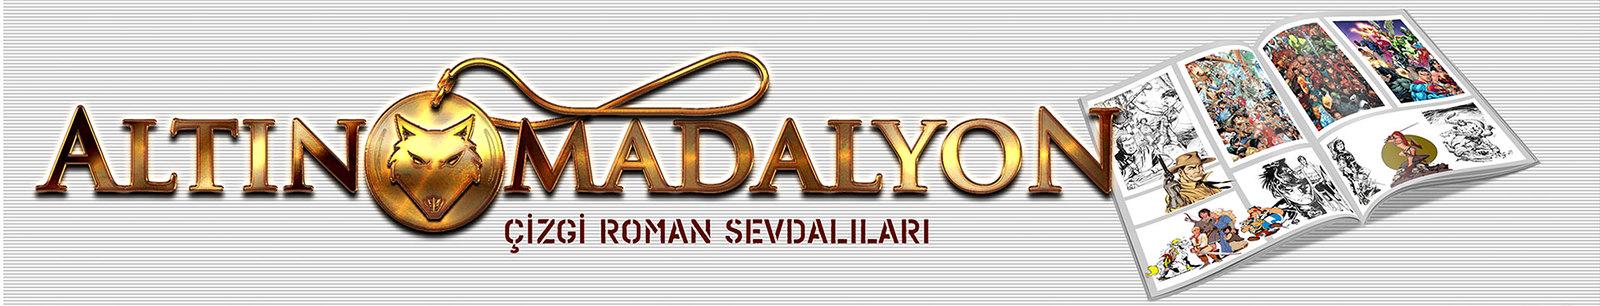 ALTIN MADALYON ÇİZGİROMAN SEVDALILARI FORUMU